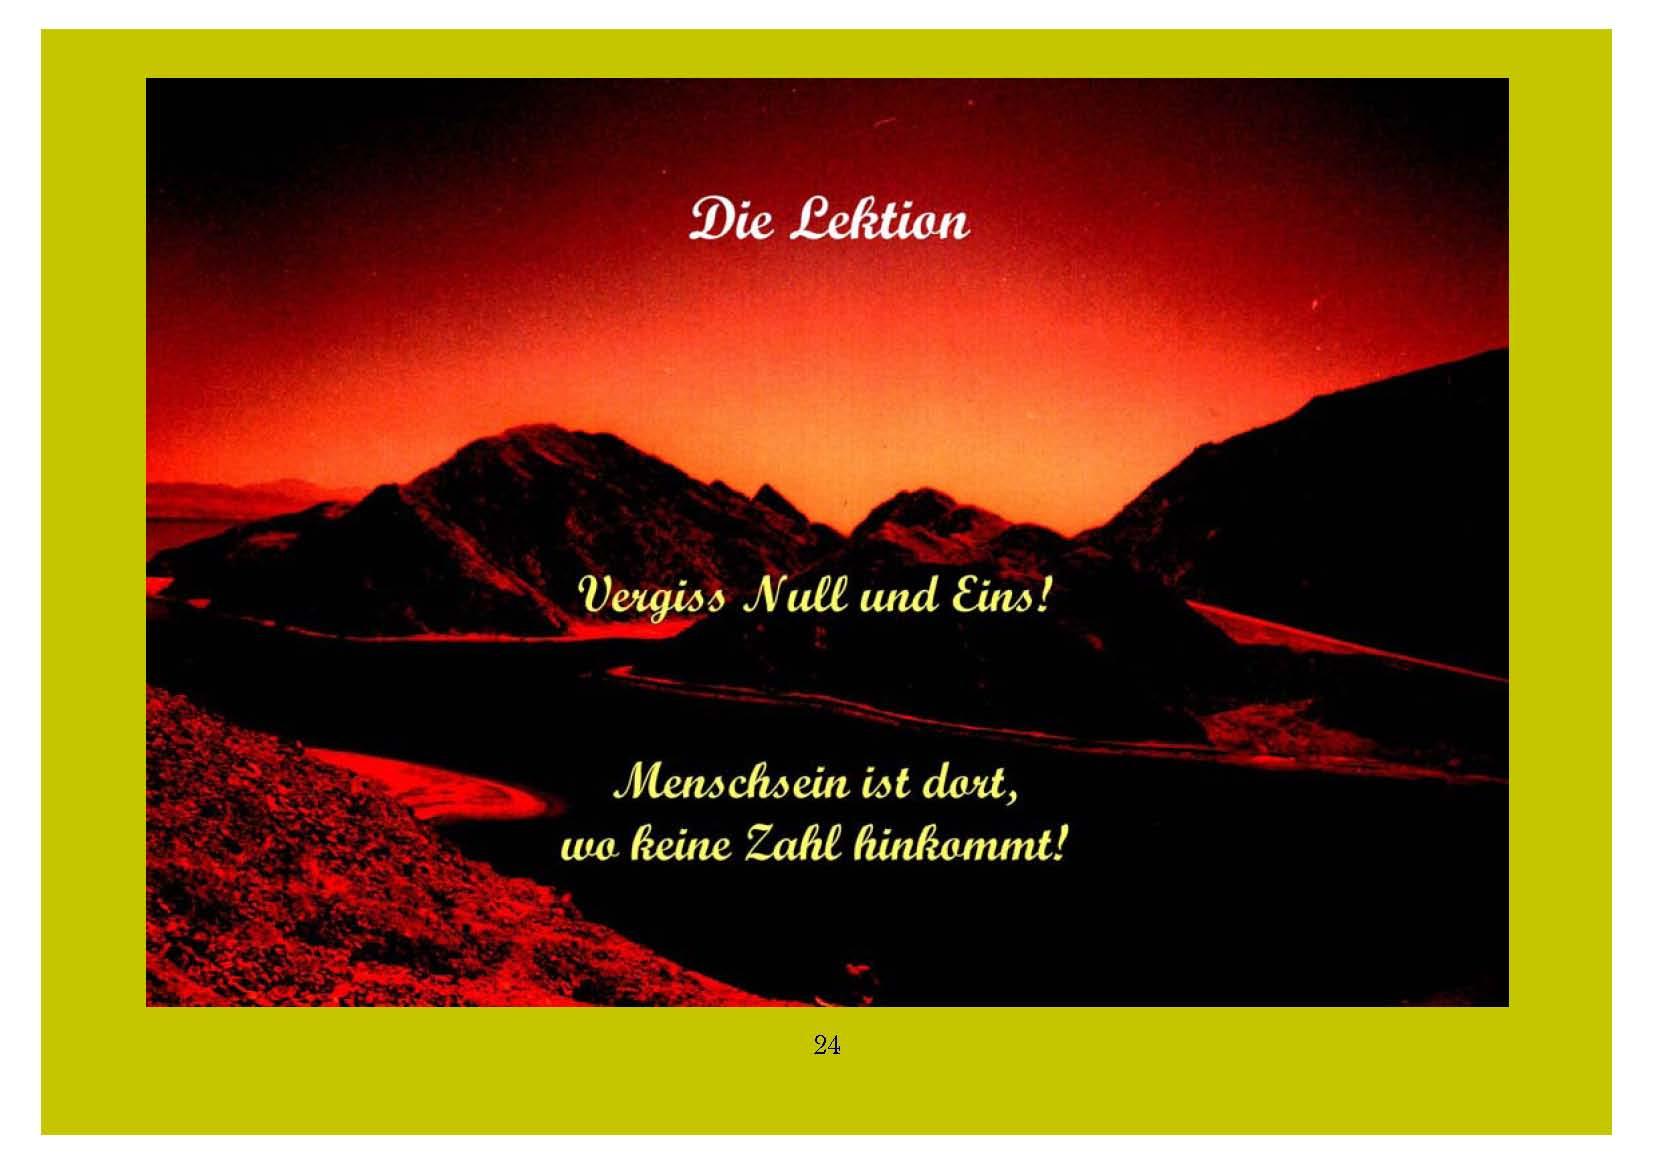 ™Gigabuch-Bibliothek/iAutobiographie Band 20/Bild 1499